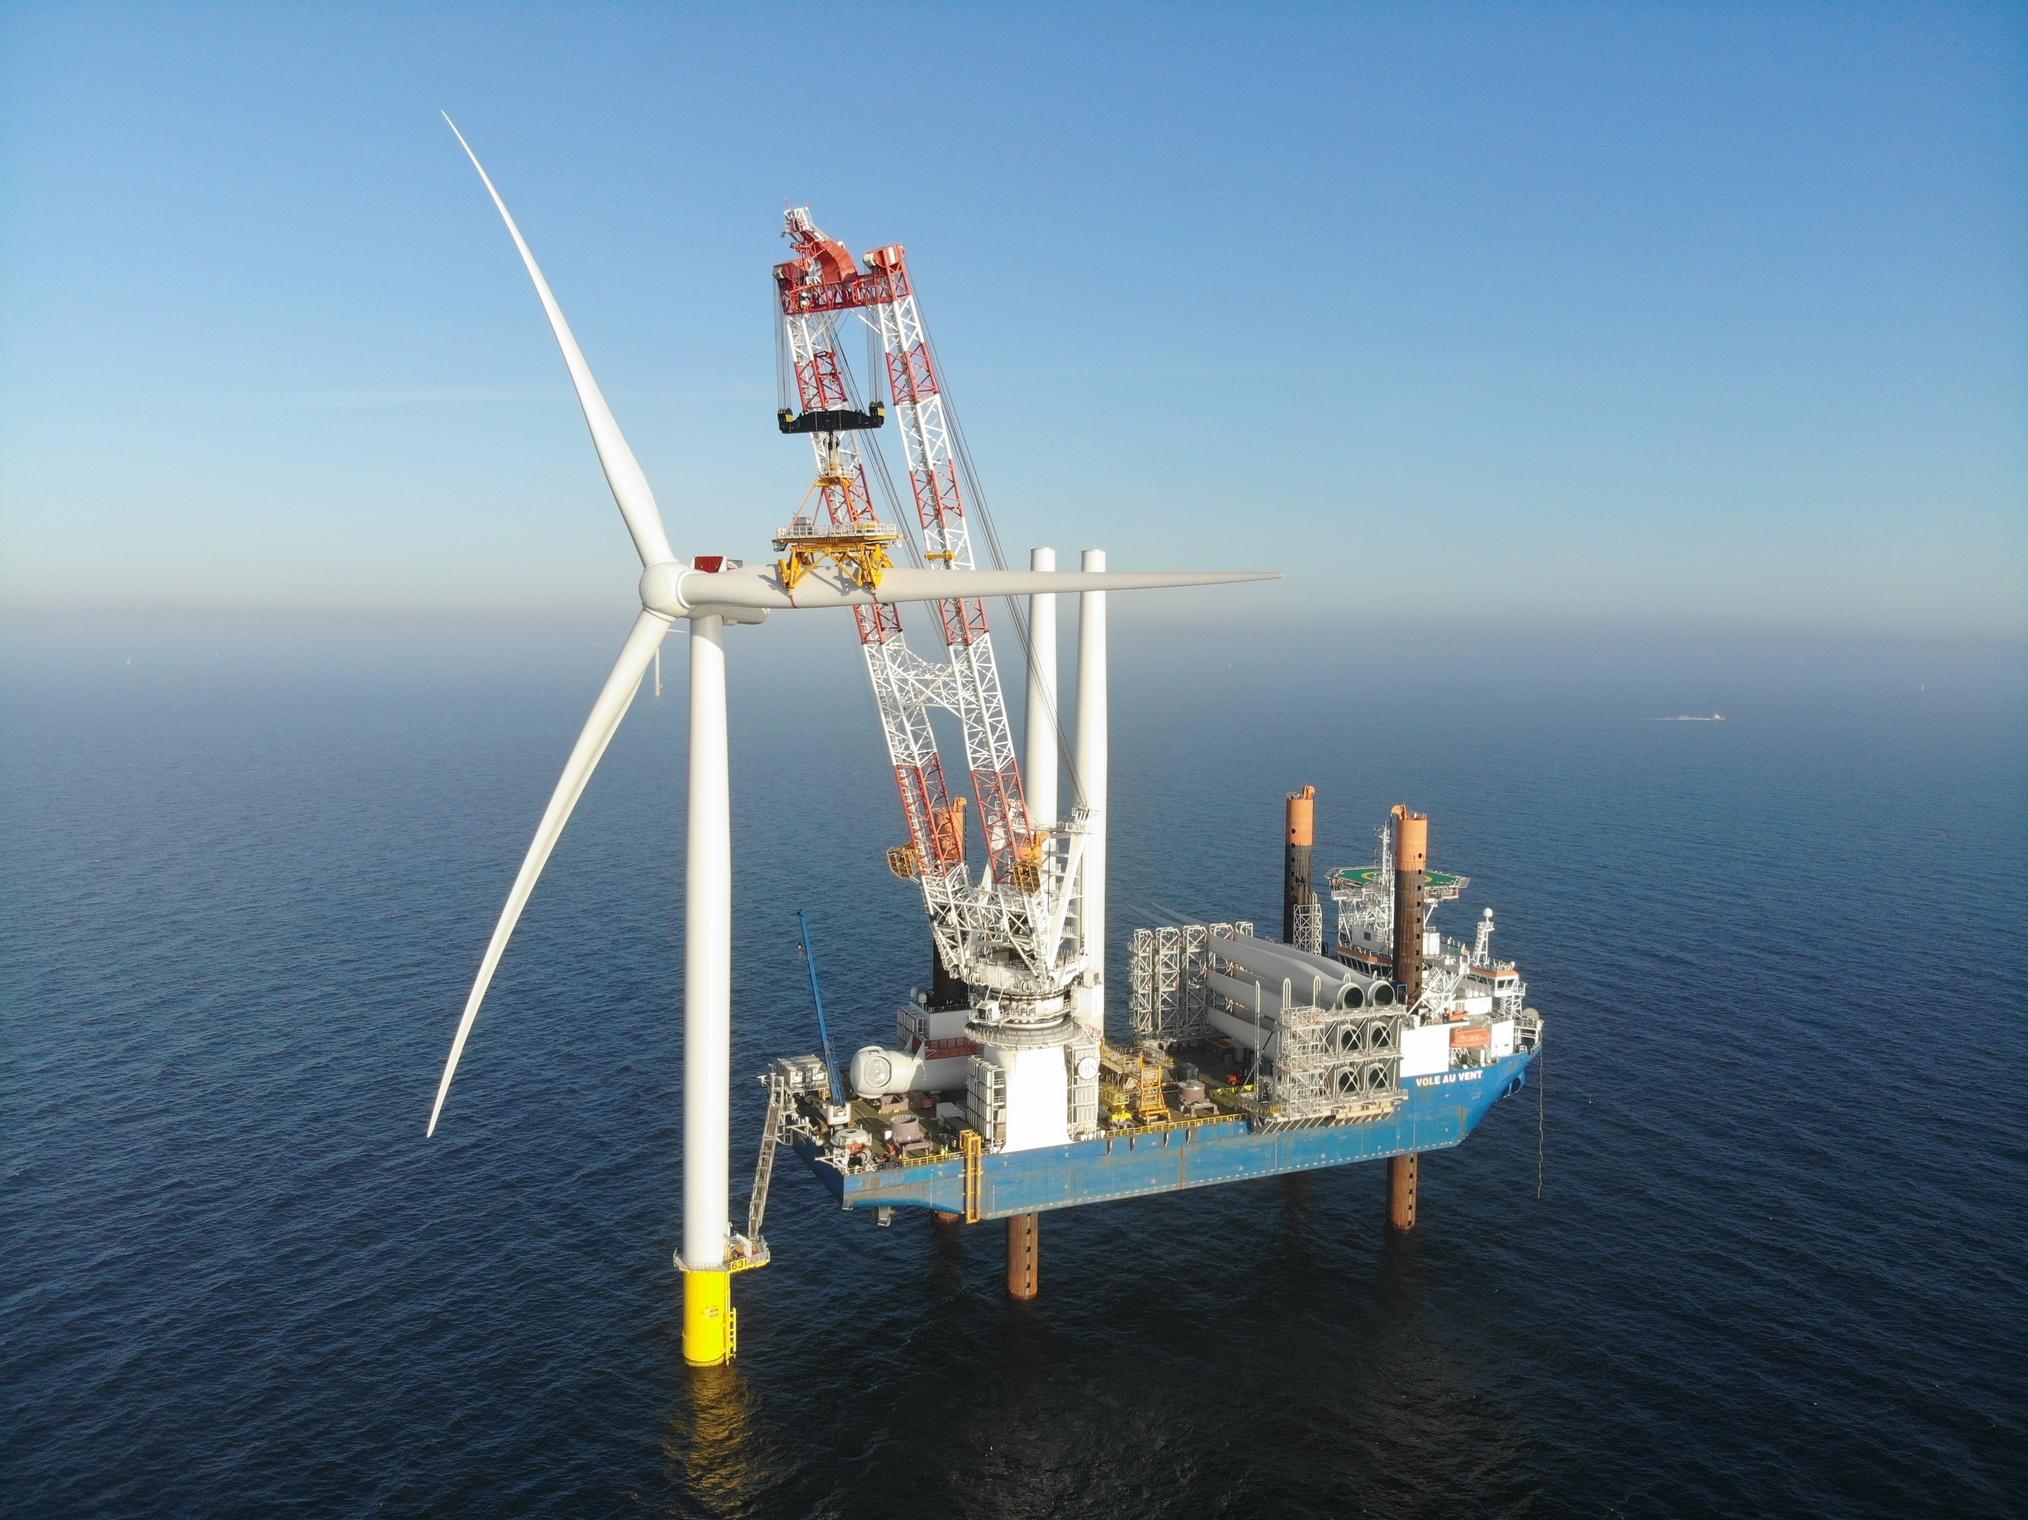 De 72 windturbines staan 15 tot 40 kilometer uit de Deense oostkust (Foto Jan de Nul)